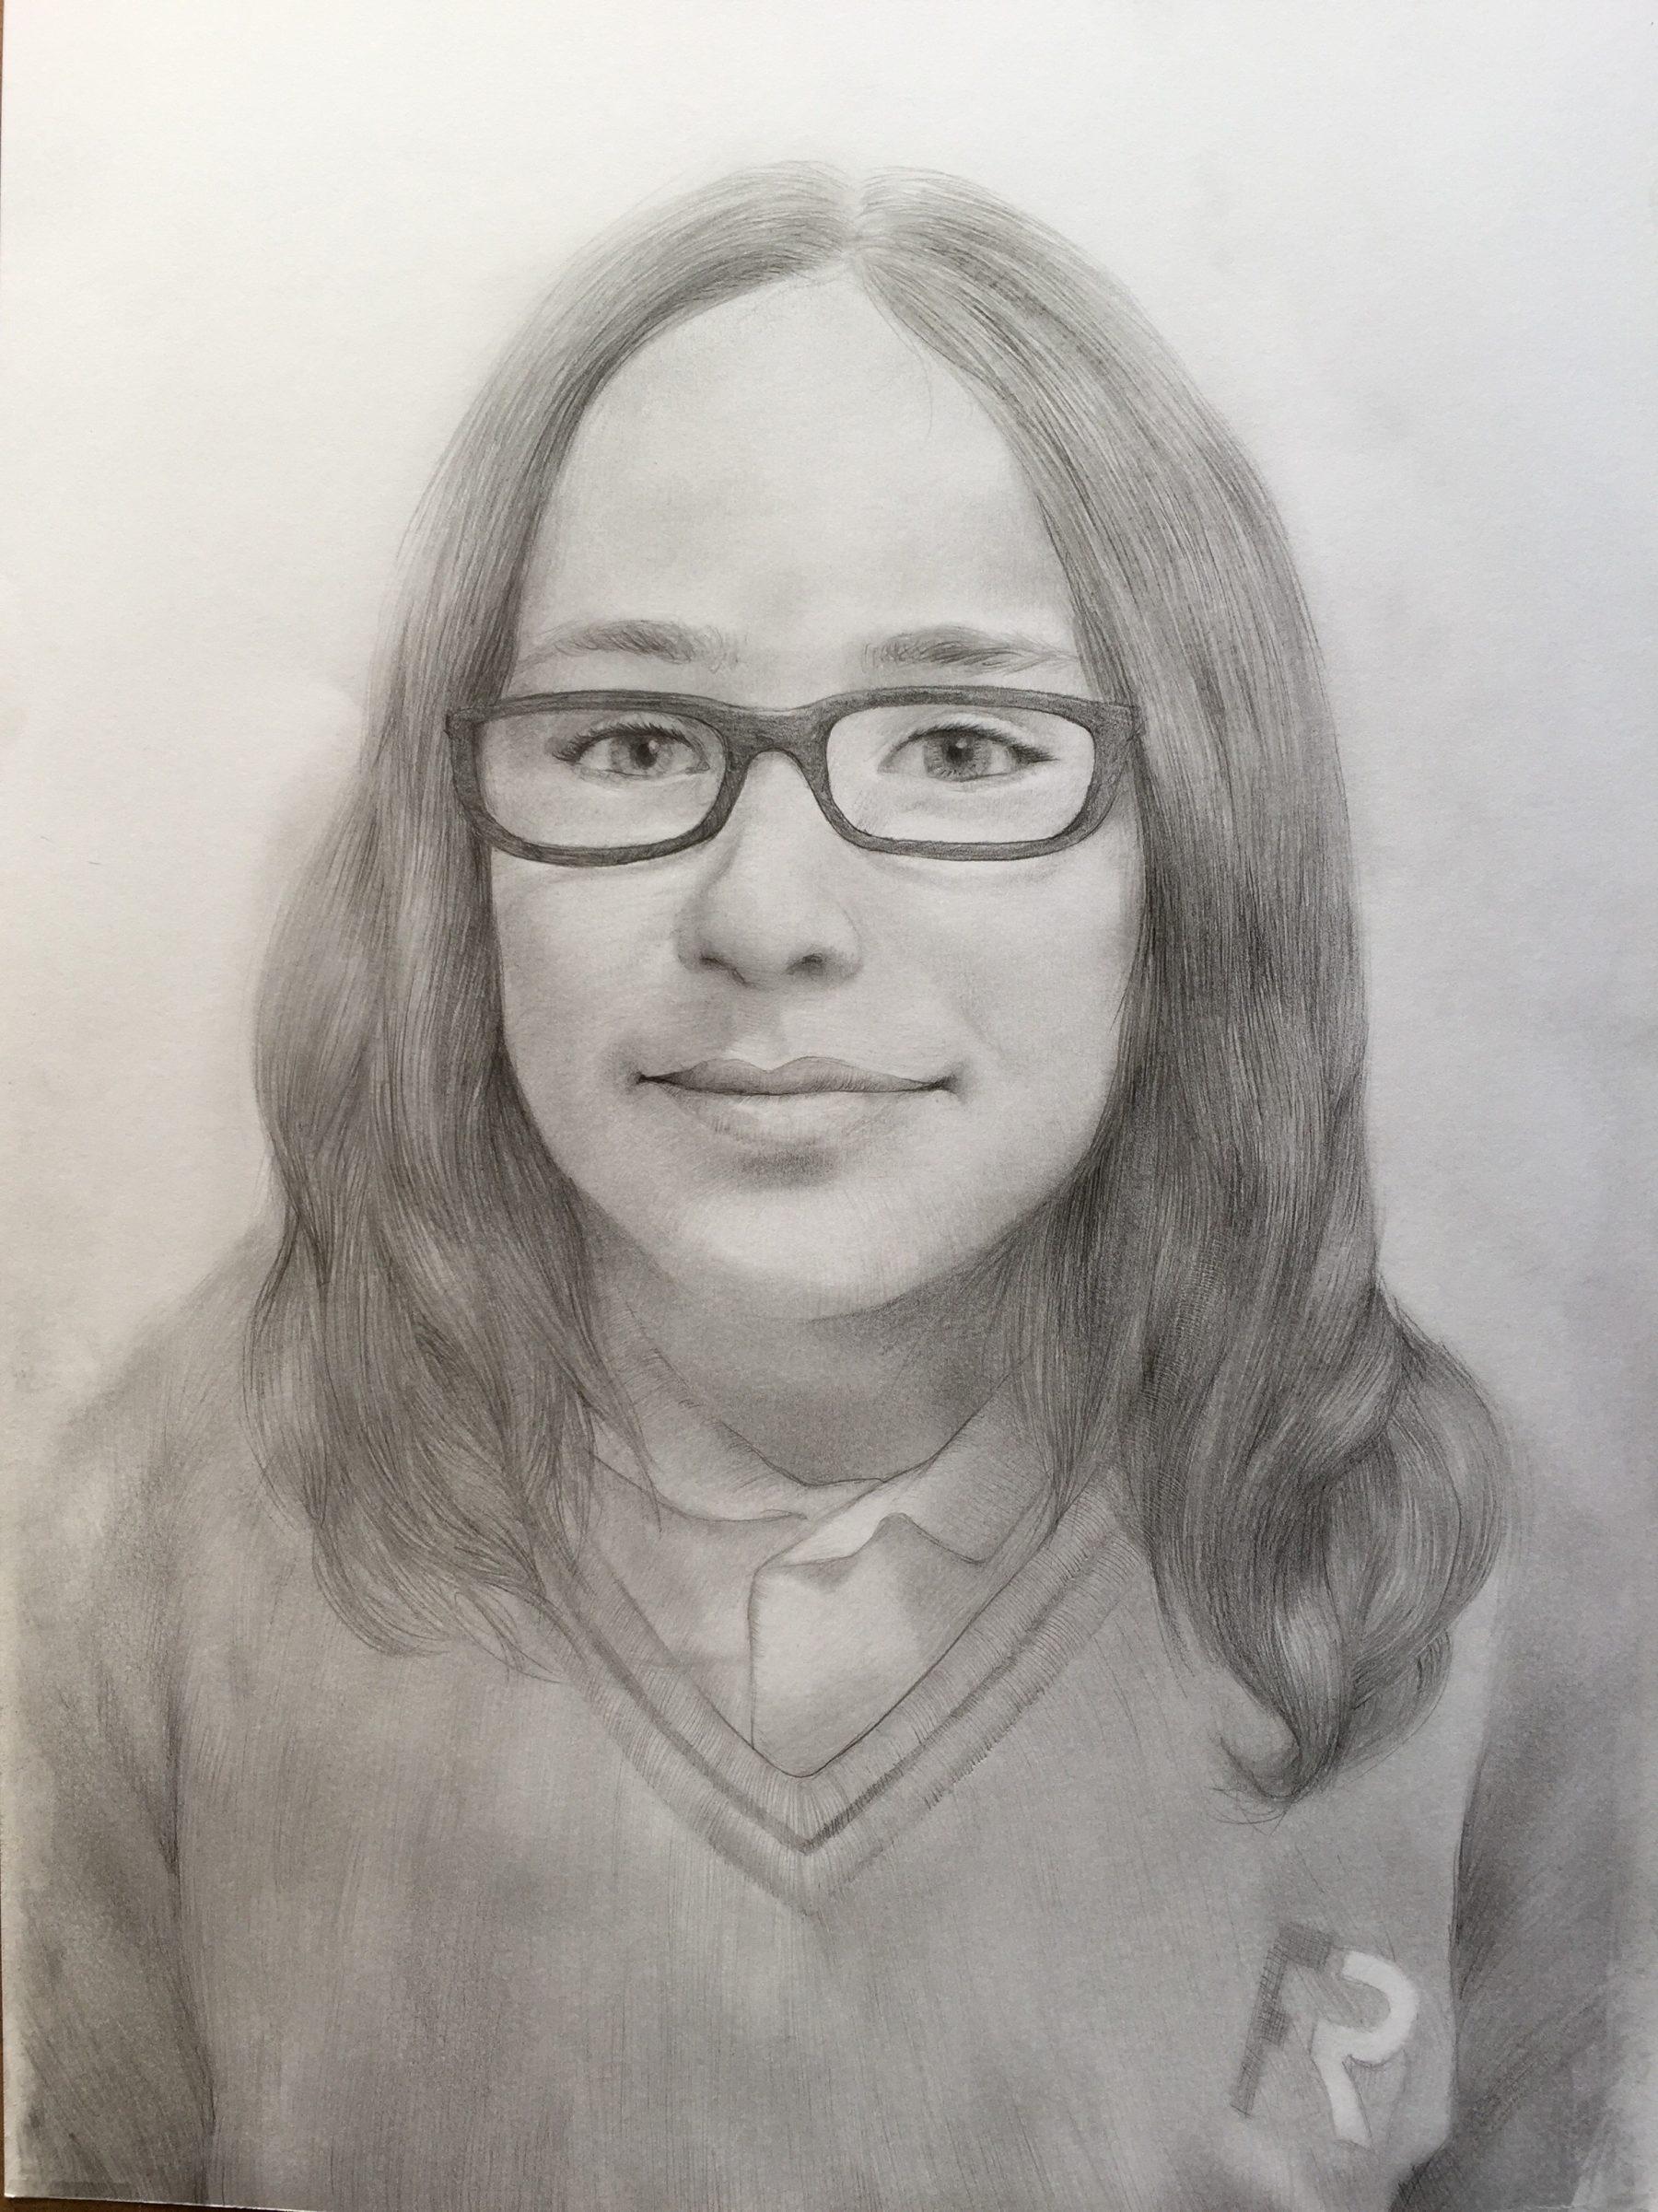 retratos-por-encargo-32-e1488878819186